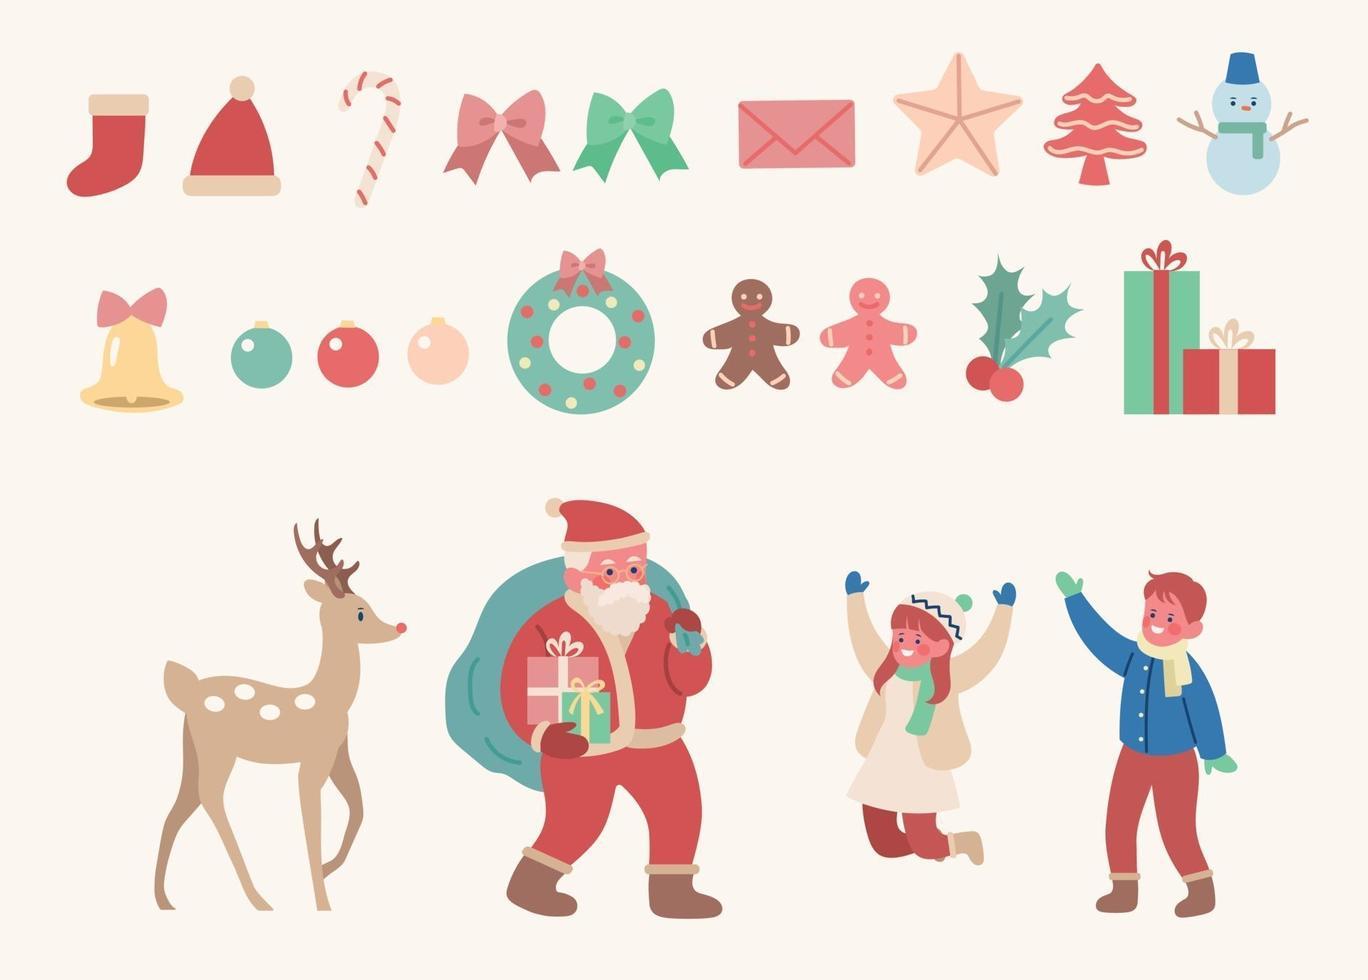 Bambini Babbo Natale Disegno.Set Di Ornamenti Natalizi Con Babbo Natale E Renne E Bambini Illustrazioni Di Disegno Vettoriale Stile Disegnato A Mano 2286389 Scarica Immagini Vettoriali Gratis Grafica Vettoriale E Disegno Modelli